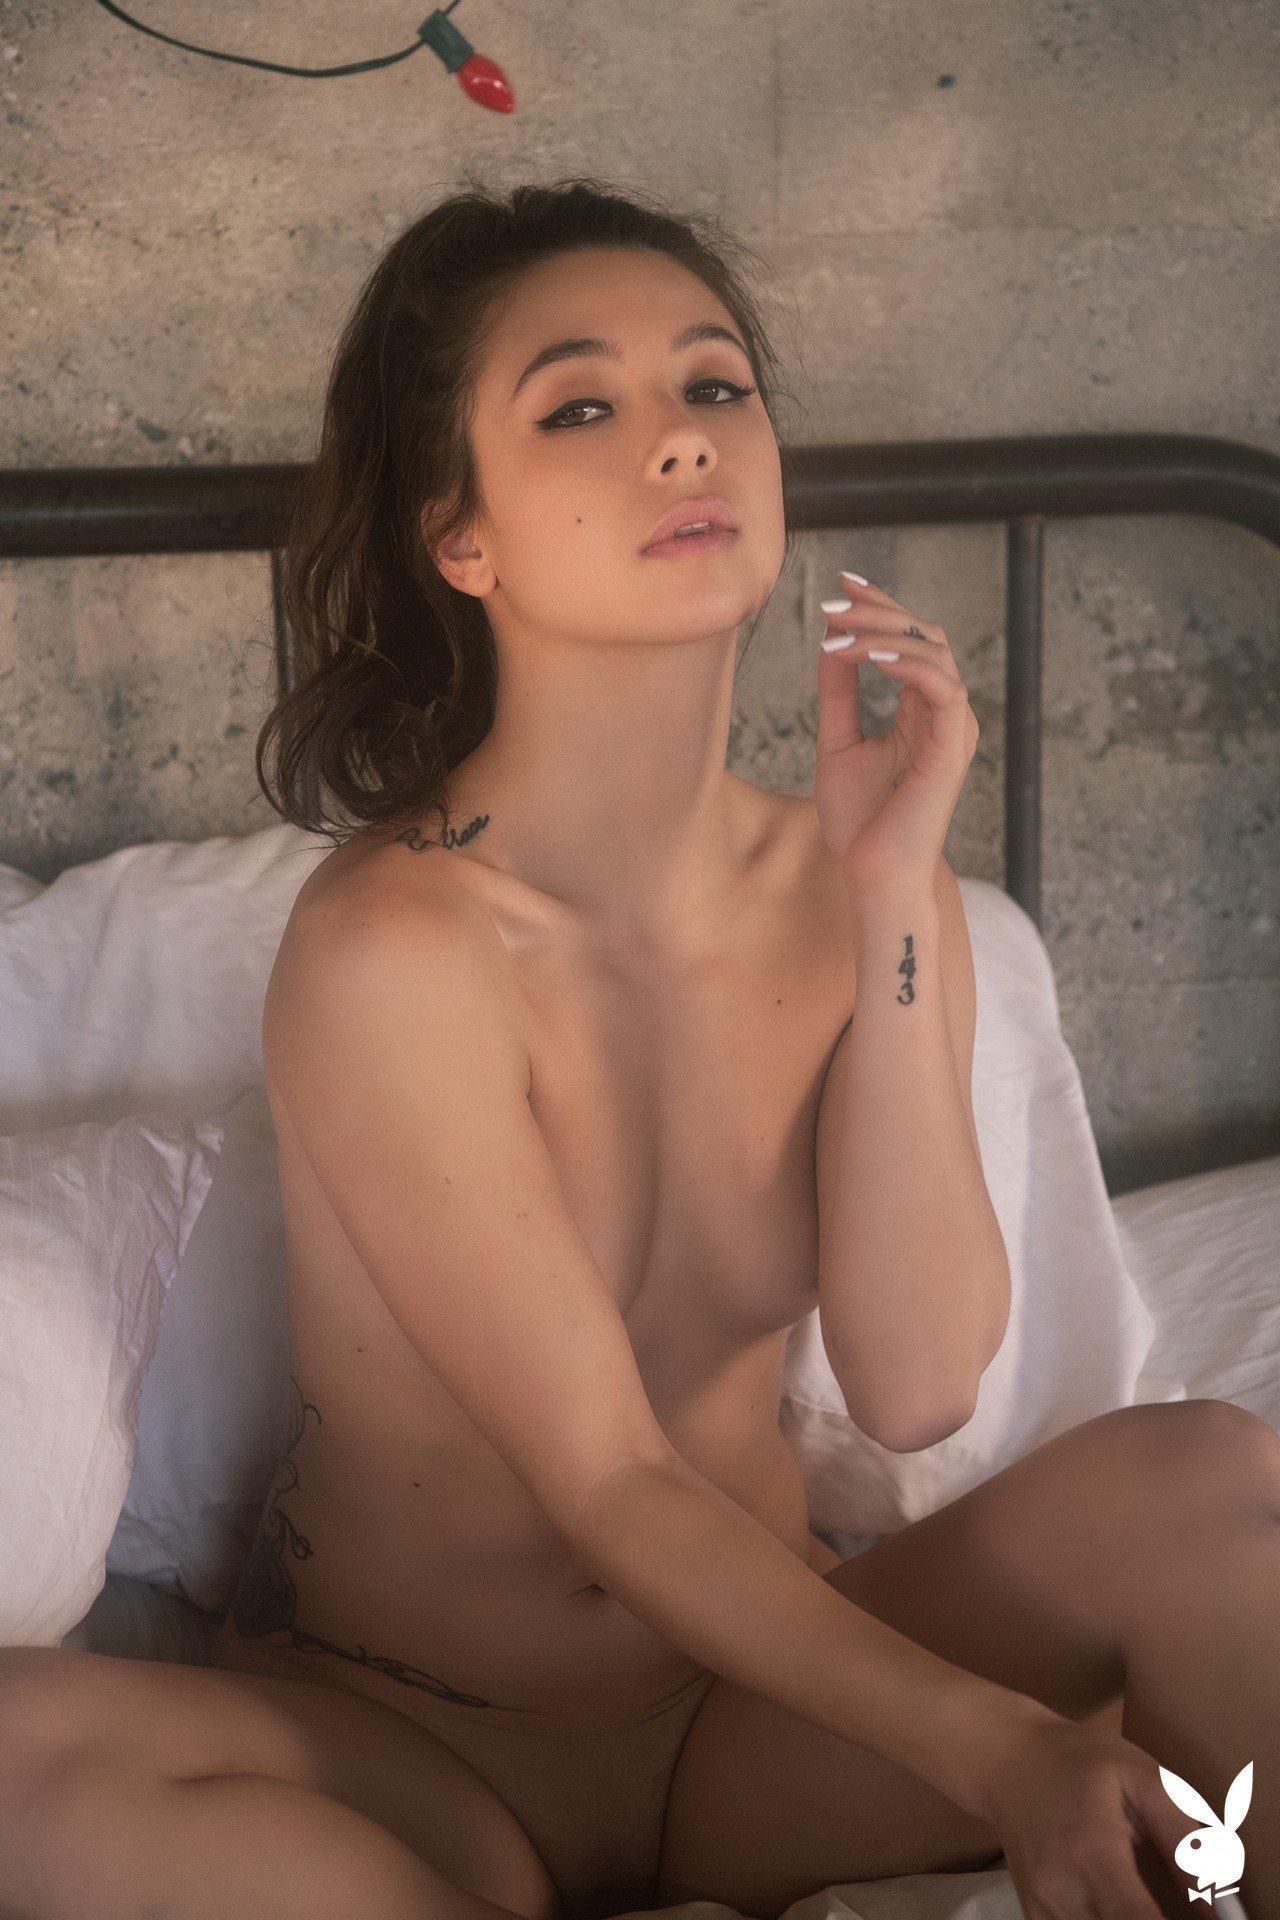 Красивая девушка с плоской попой на кровати